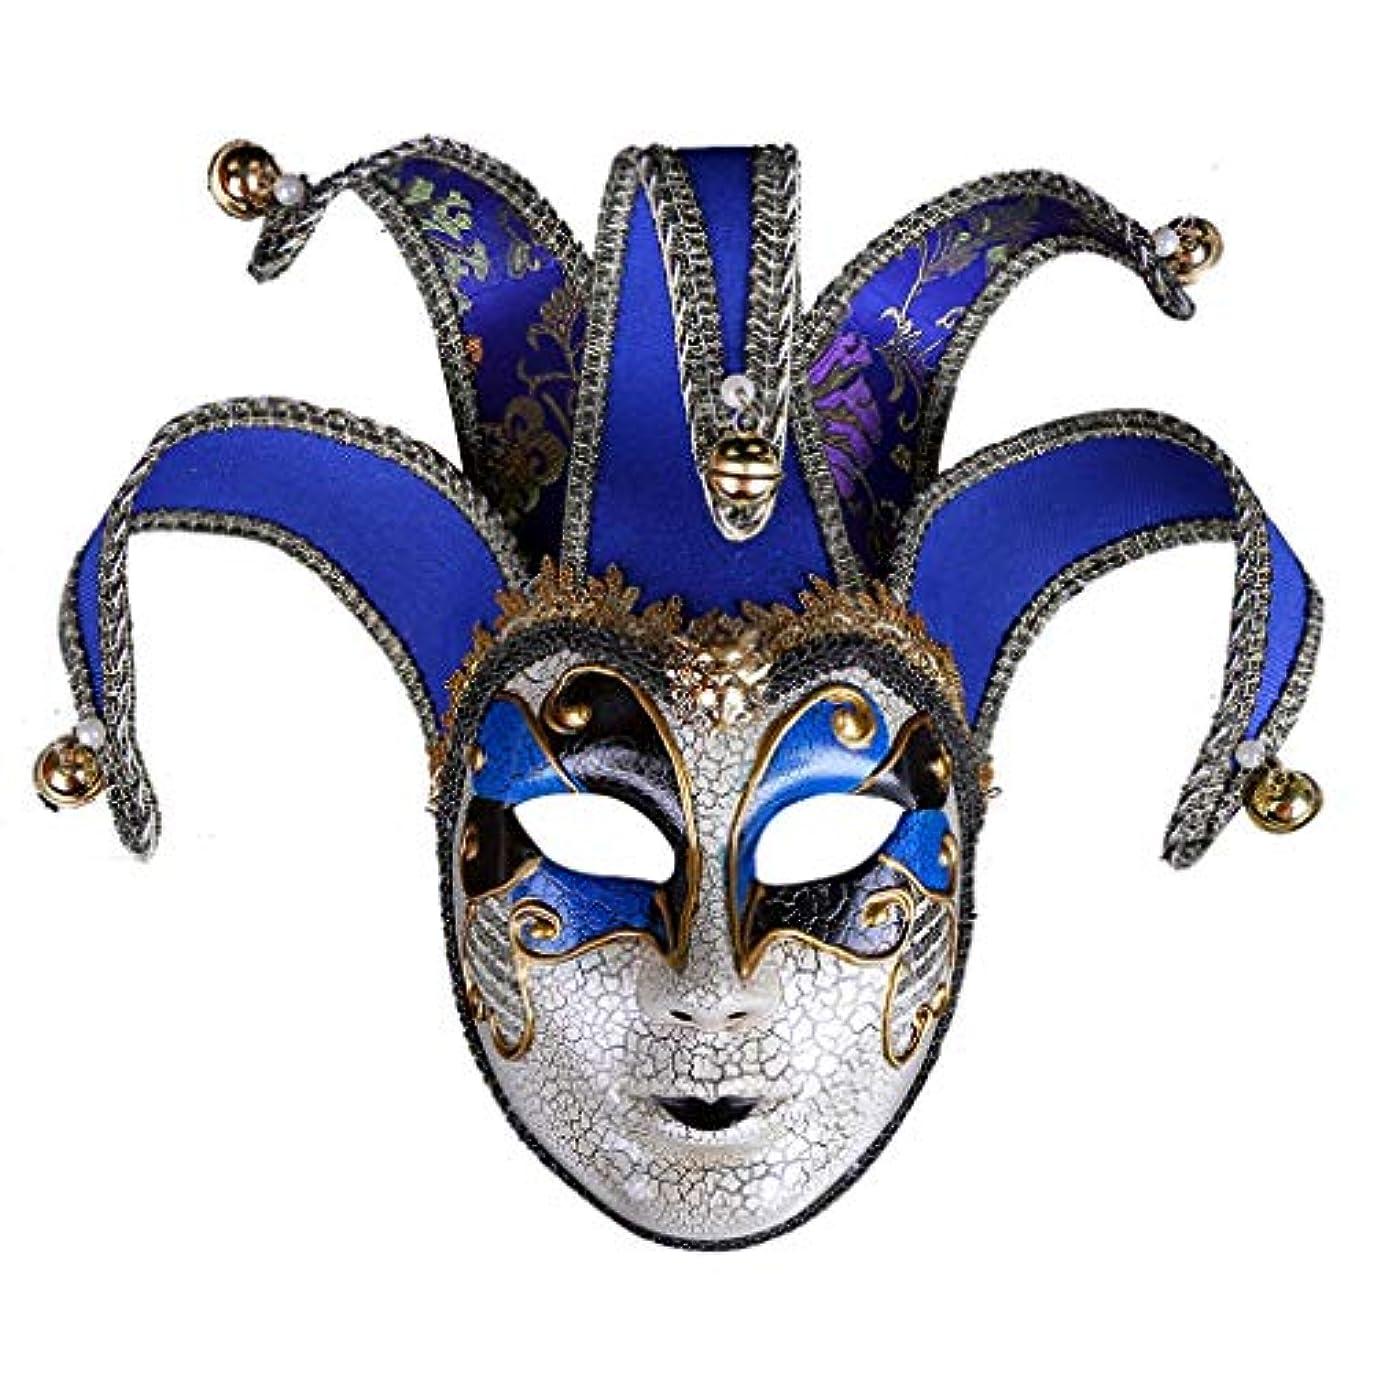 ボイラー慢性的リストハロウィンマスクヴィンテージマスク女性のアダルトマスクヴェネツィアフェスティバルプロップフェイスデコレーション仮装クリエイティブマスク (Color : BLACK)